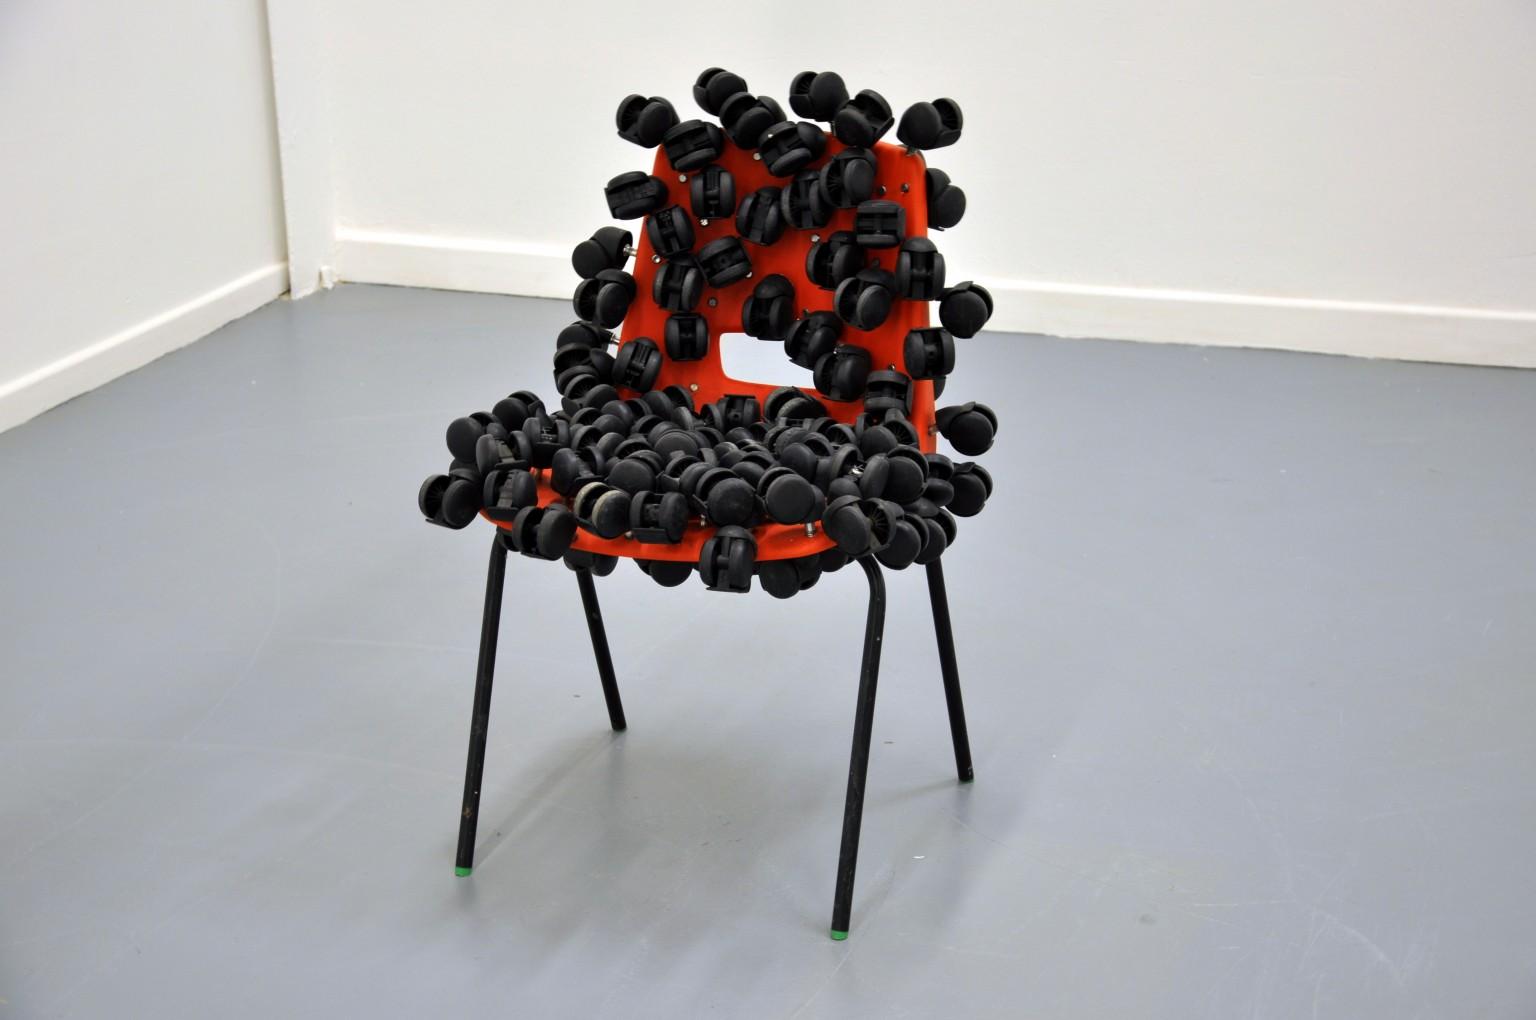 Untitled (Castors & Chair), 2012. Sikander Pervez. Sculpture, Red School Chair, School Chair, Chair, Castor Wheels, Wheels, Castors, New Art West Midlands 2014